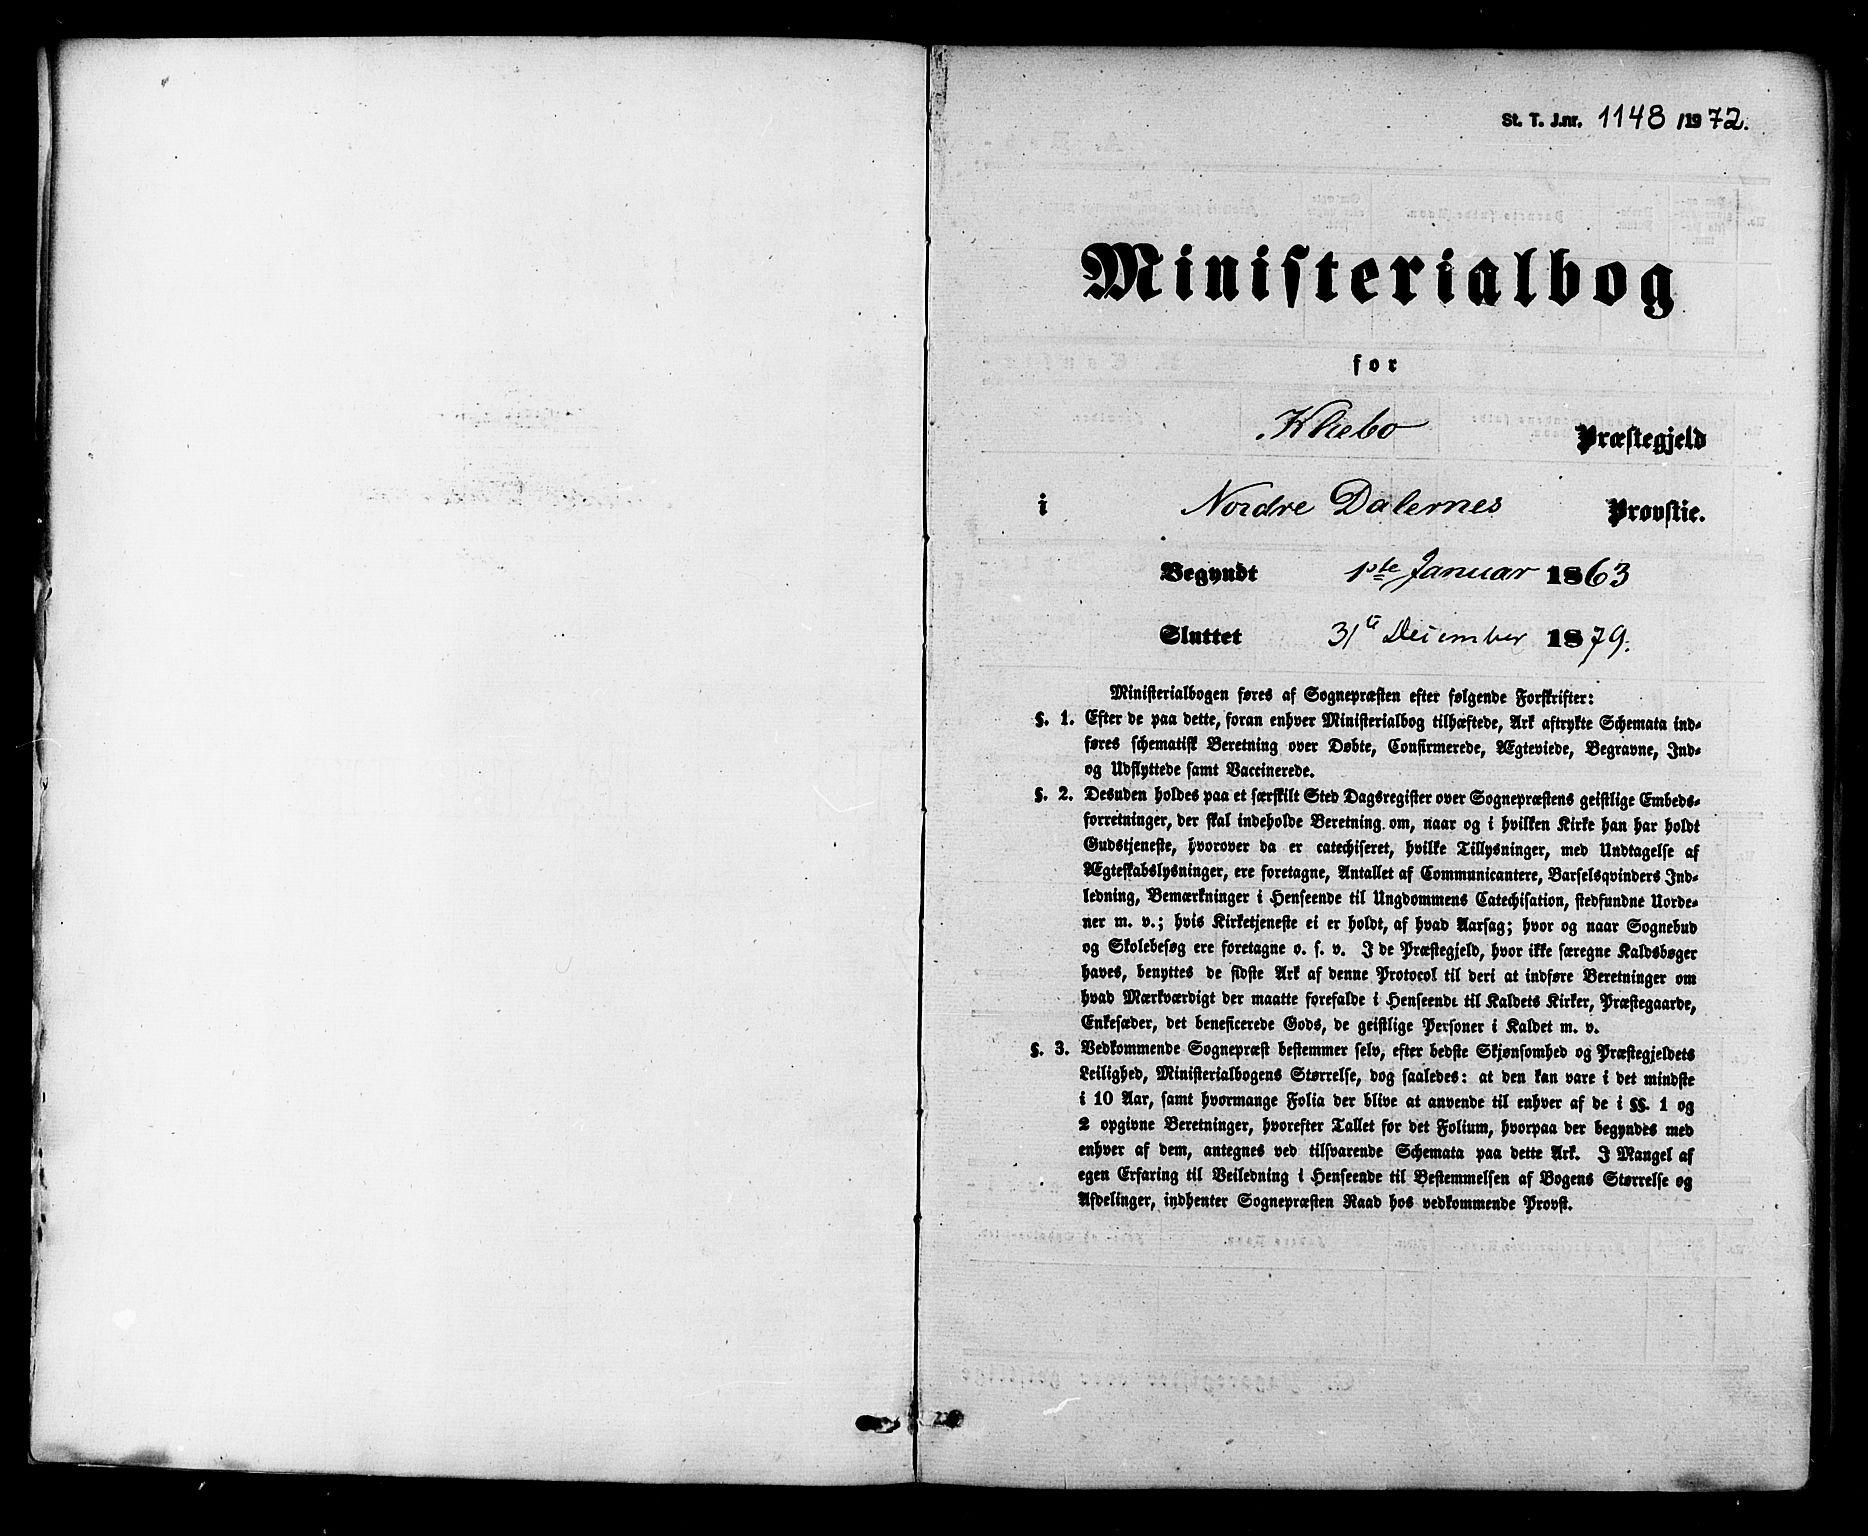 SAT, Ministerialprotokoller, klokkerbøker og fødselsregistre - Sør-Trøndelag, 618/L0442: Ministerialbok nr. 618A06 /1, 1863-1879